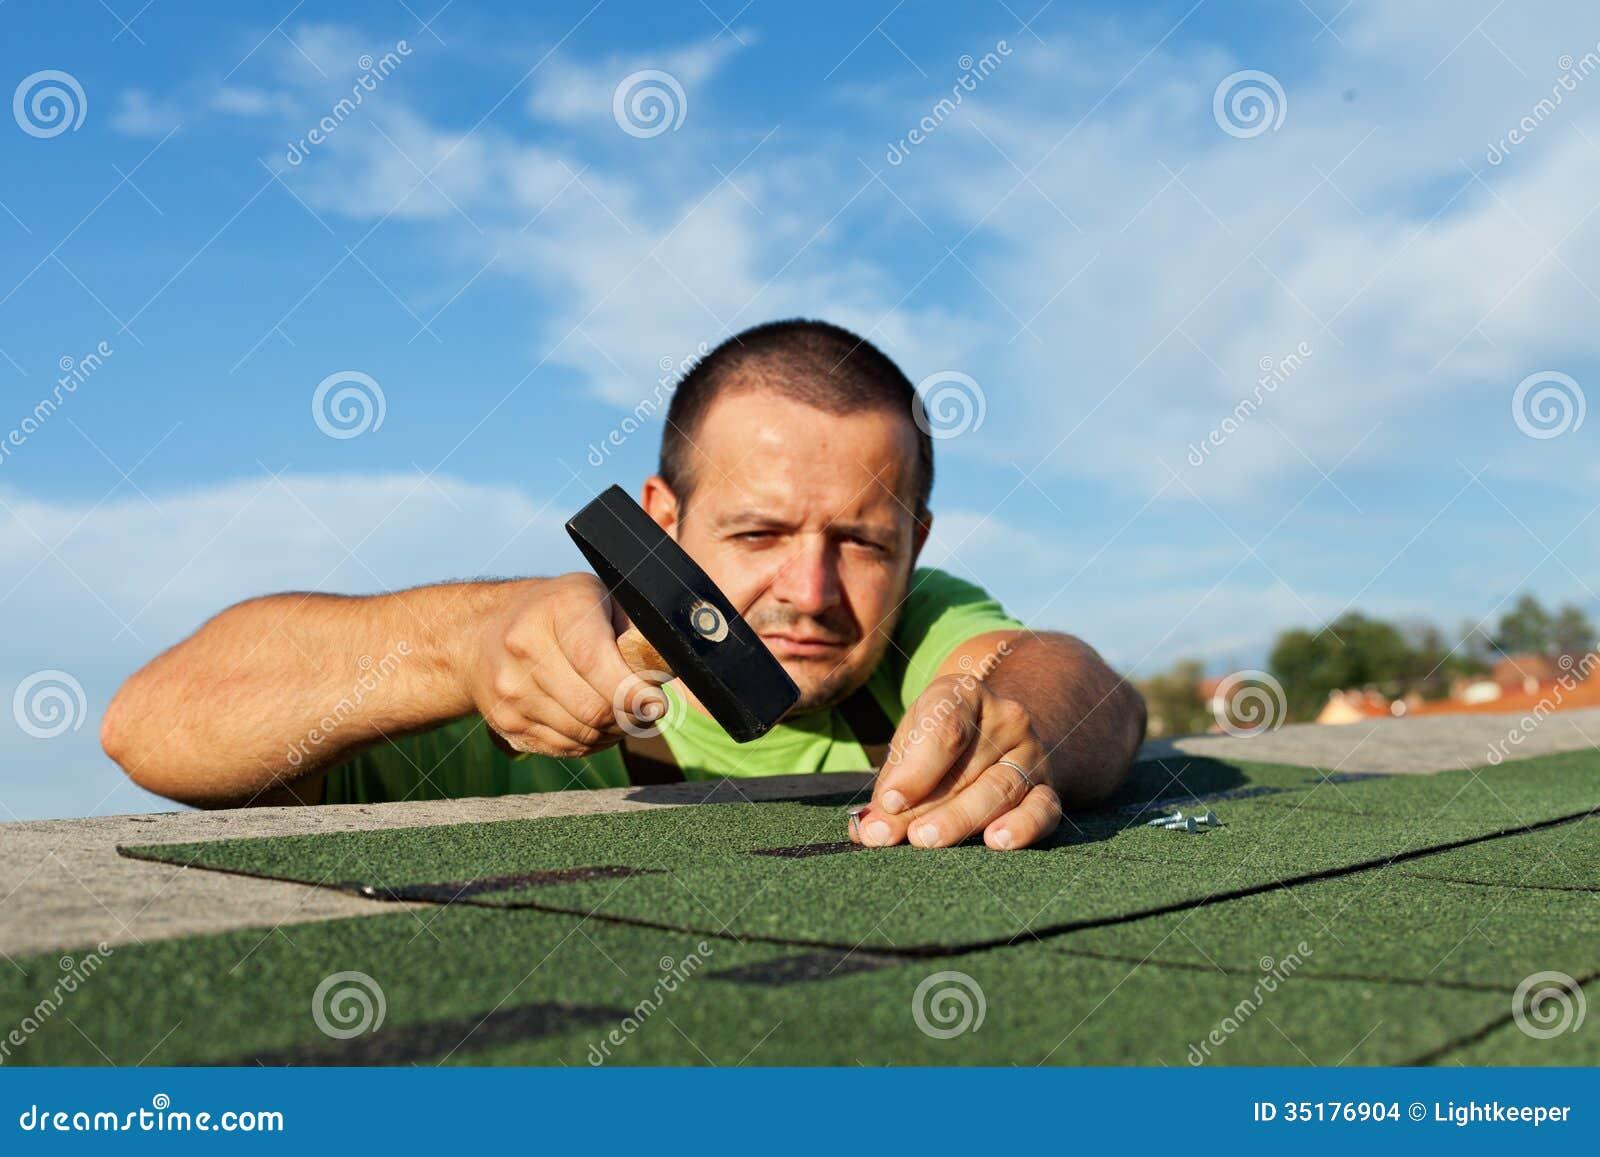 man installing bitumen roof shingles stock images image 35176904. Black Bedroom Furniture Sets. Home Design Ideas